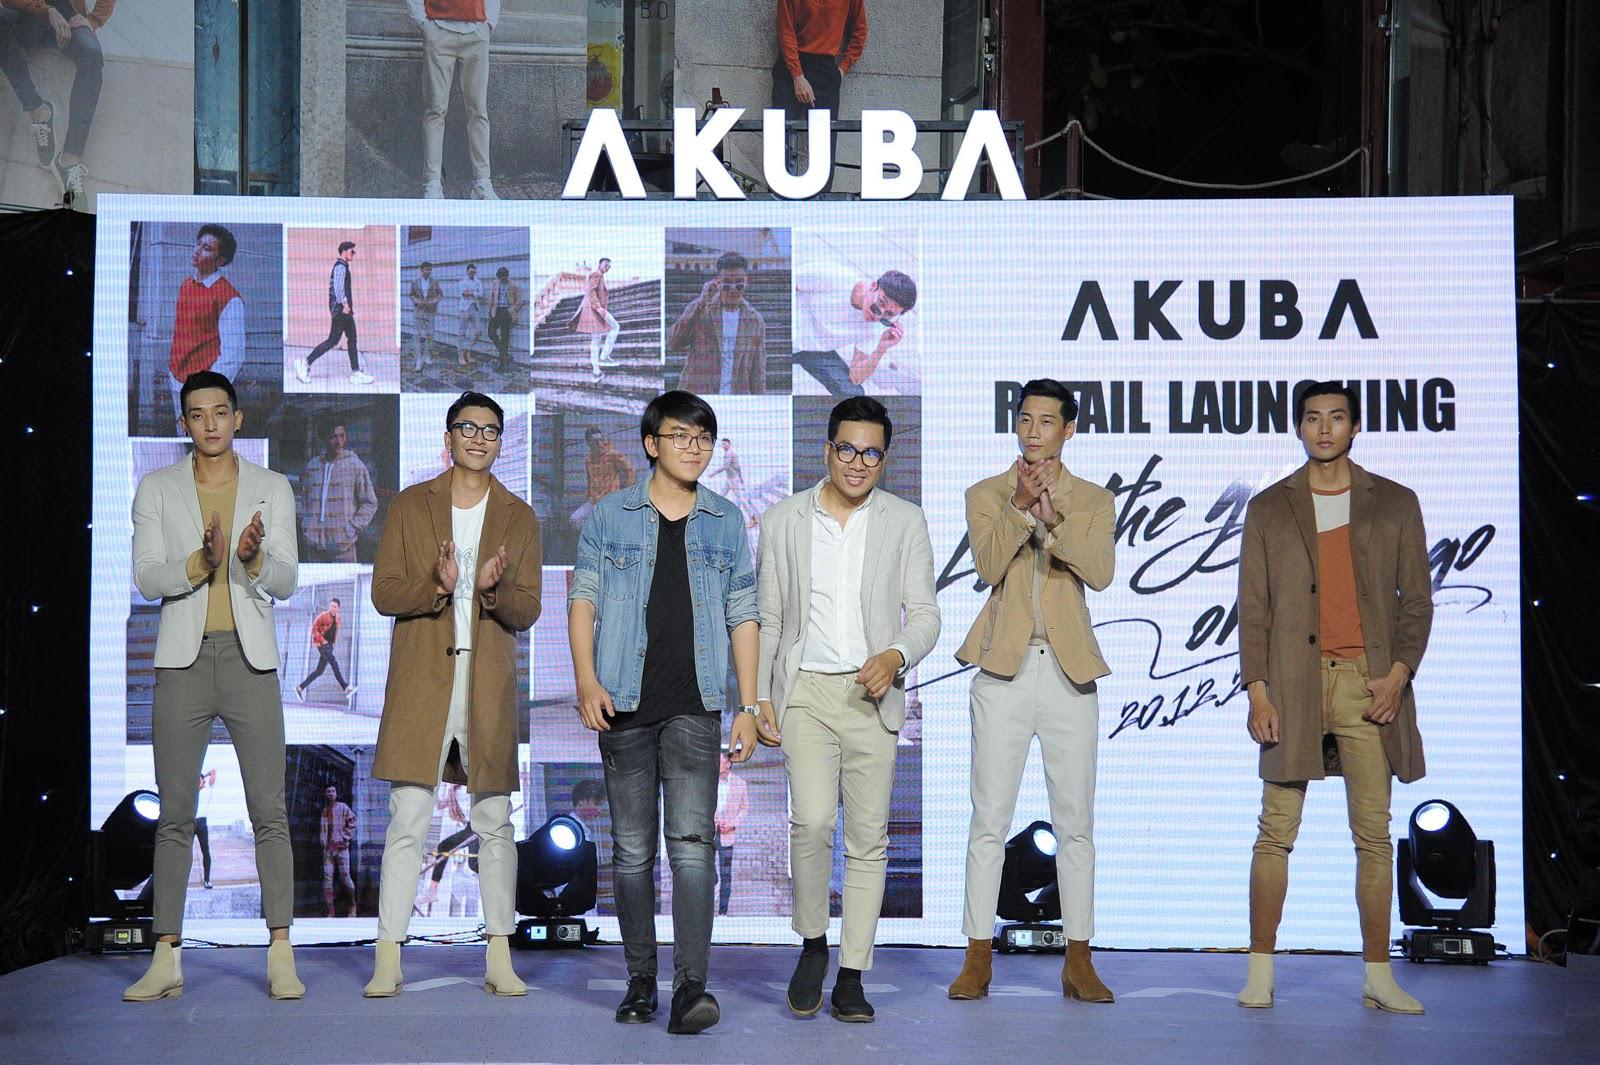 Akuba – Một không gian thời trang ứng dụng thoải mái dành cho những chàng trai năng động vừa xuất hiện tại Sài Gòn - Ảnh 4.